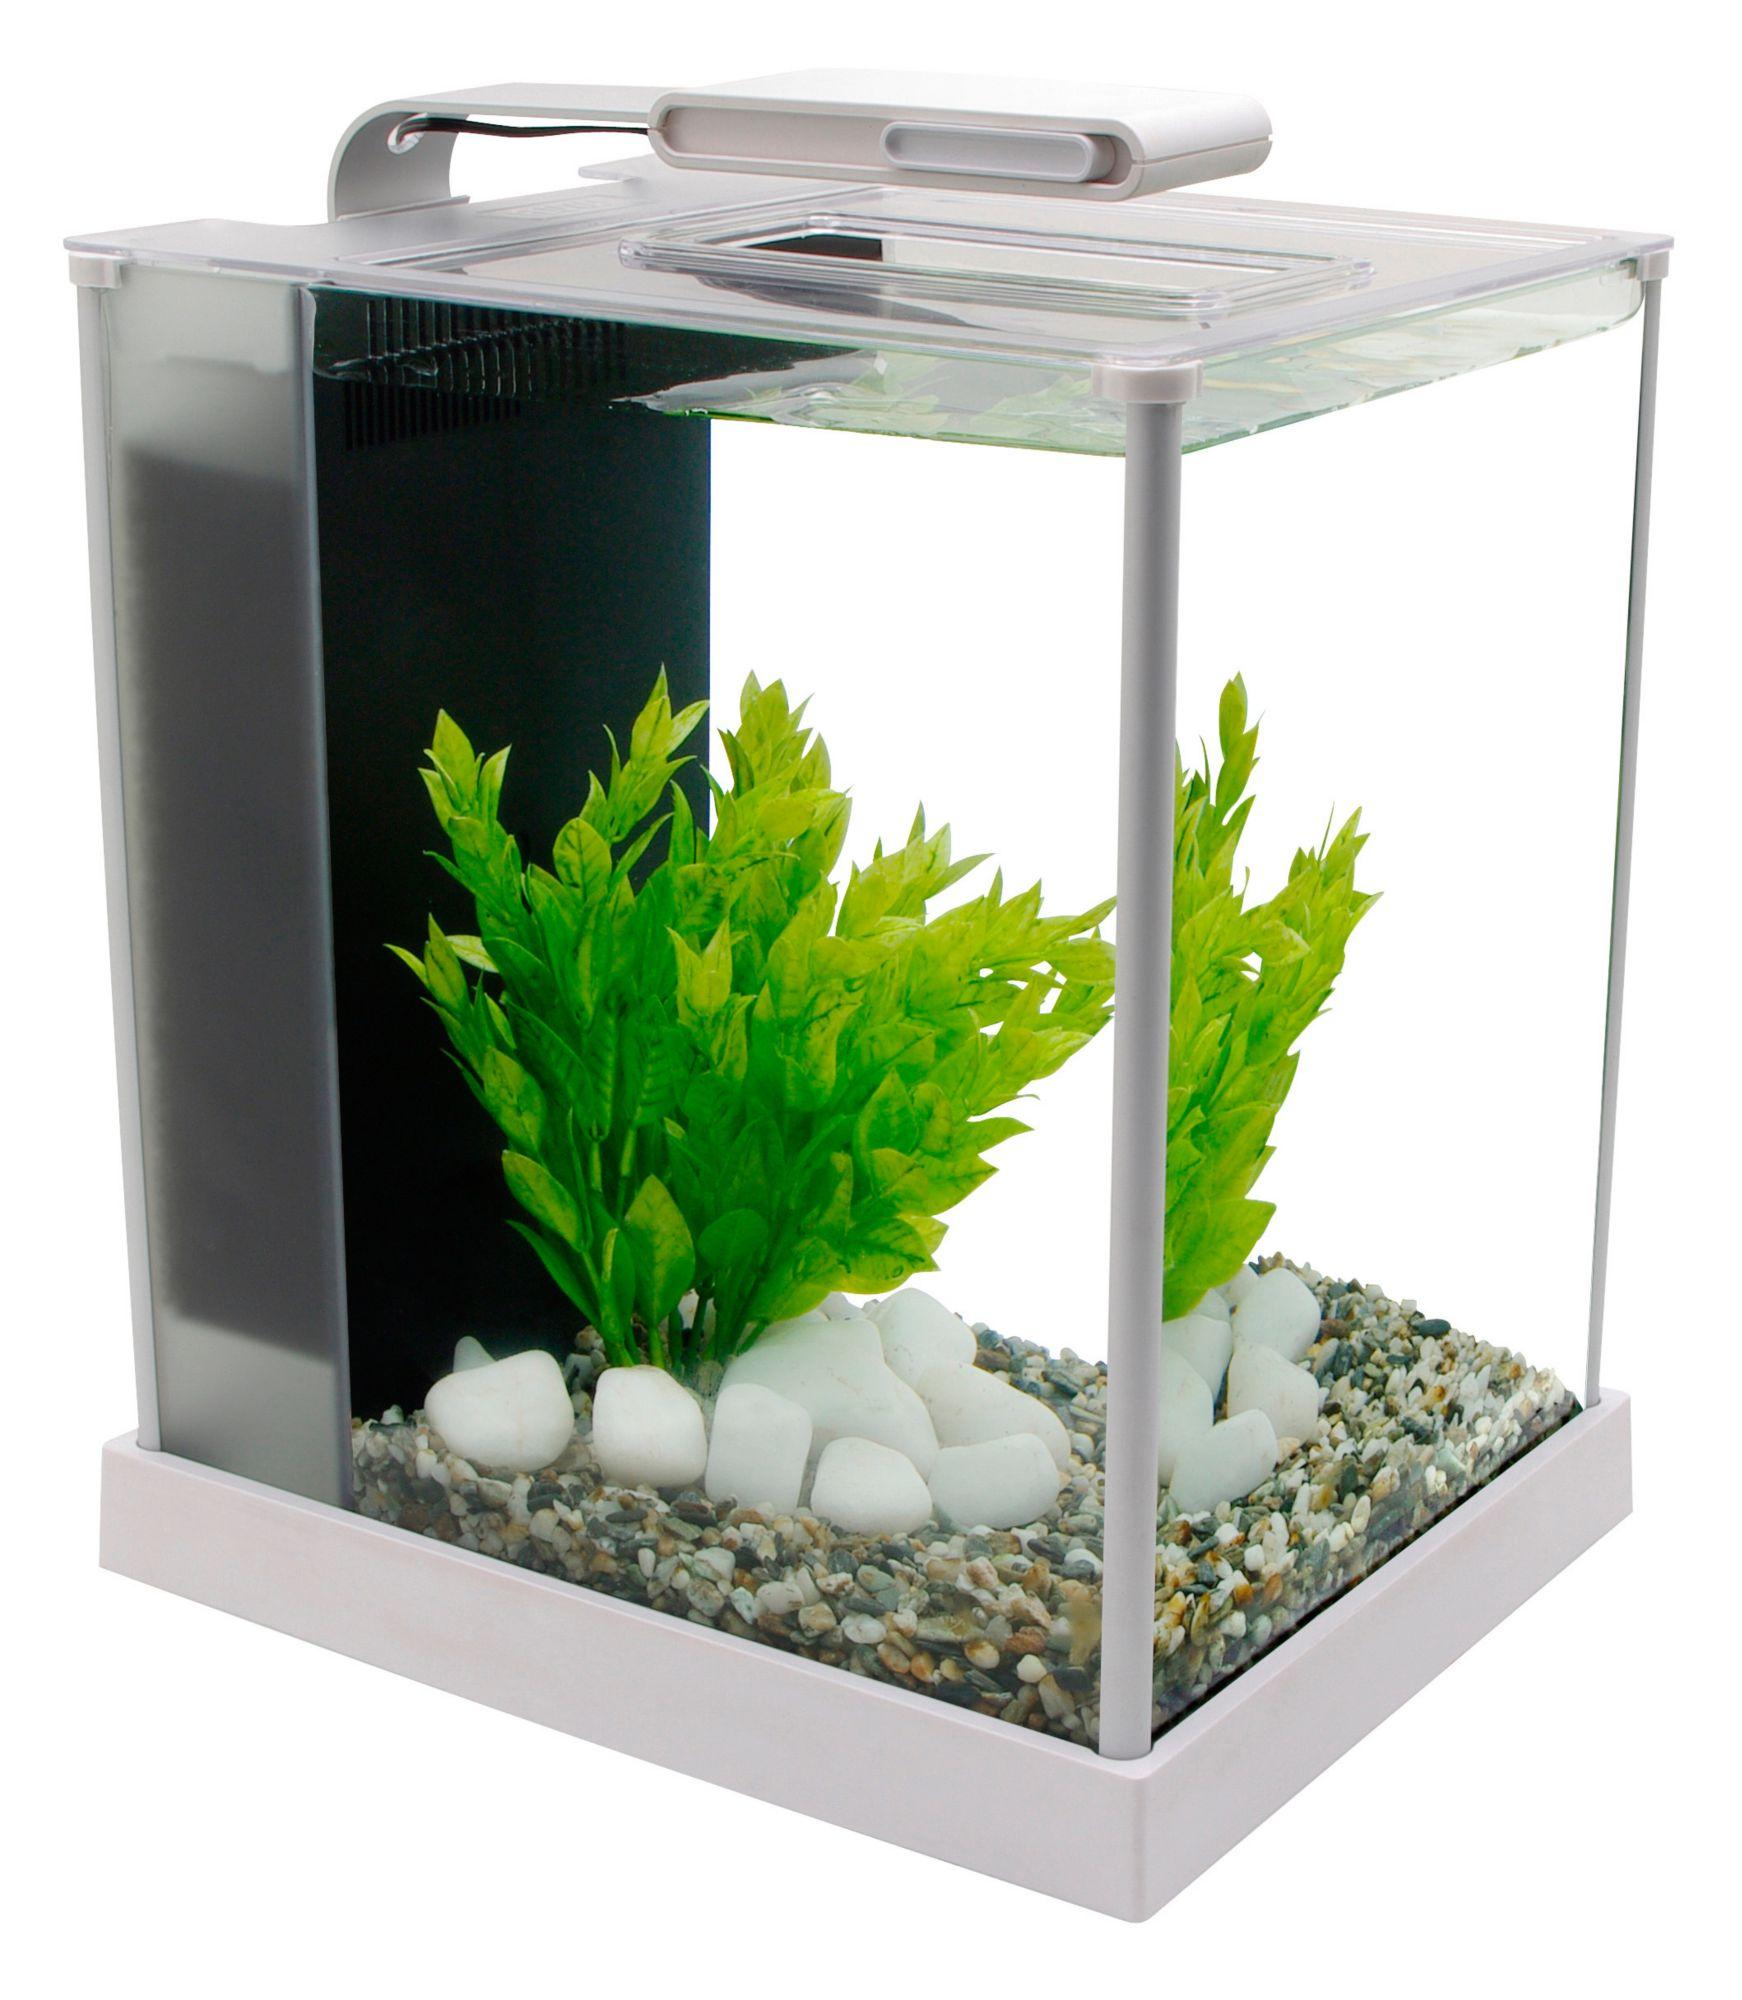 Aquarium nano aquarium spec 3 schwab versand nano for Aquarium versand